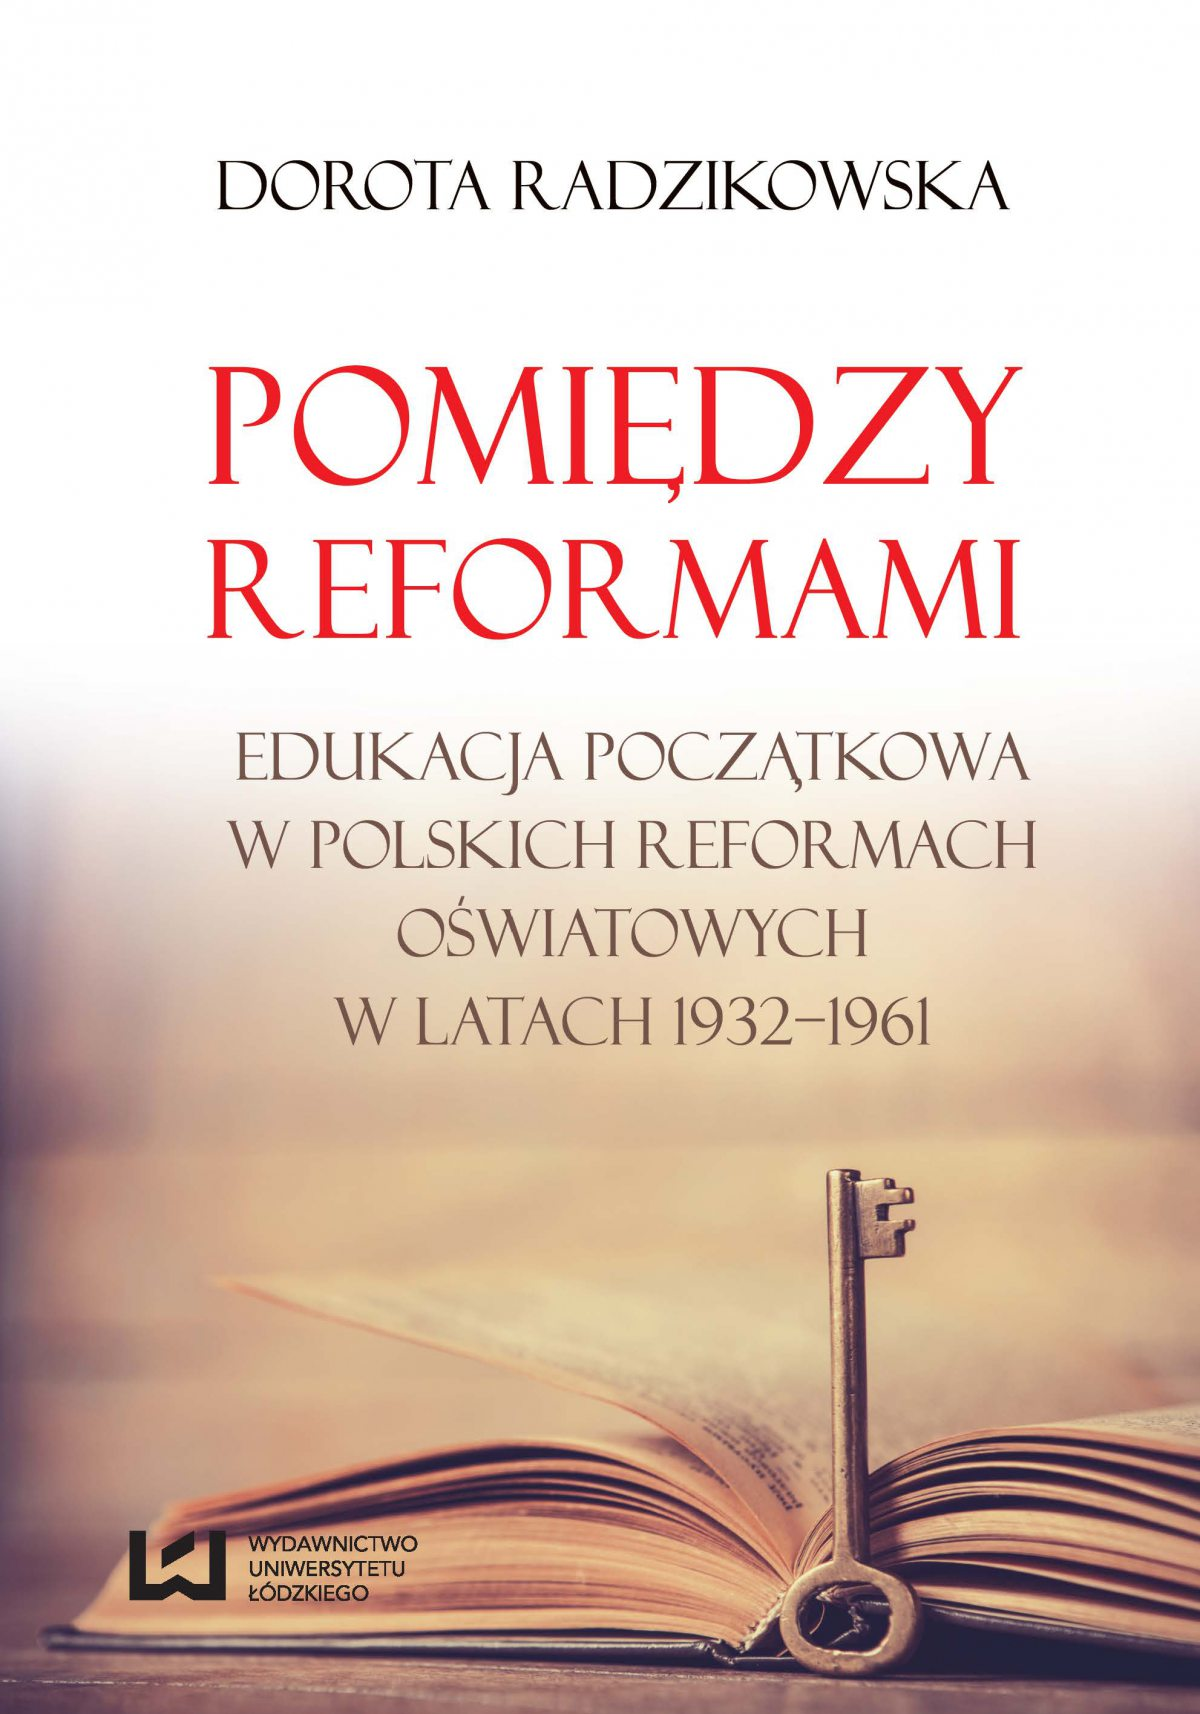 Pomiędzy reformami. Edukacja początkowa w polskich reformach oświatowych w latach 1932–1961 - Ebook (Książka PDF) do pobrania w formacie PDF